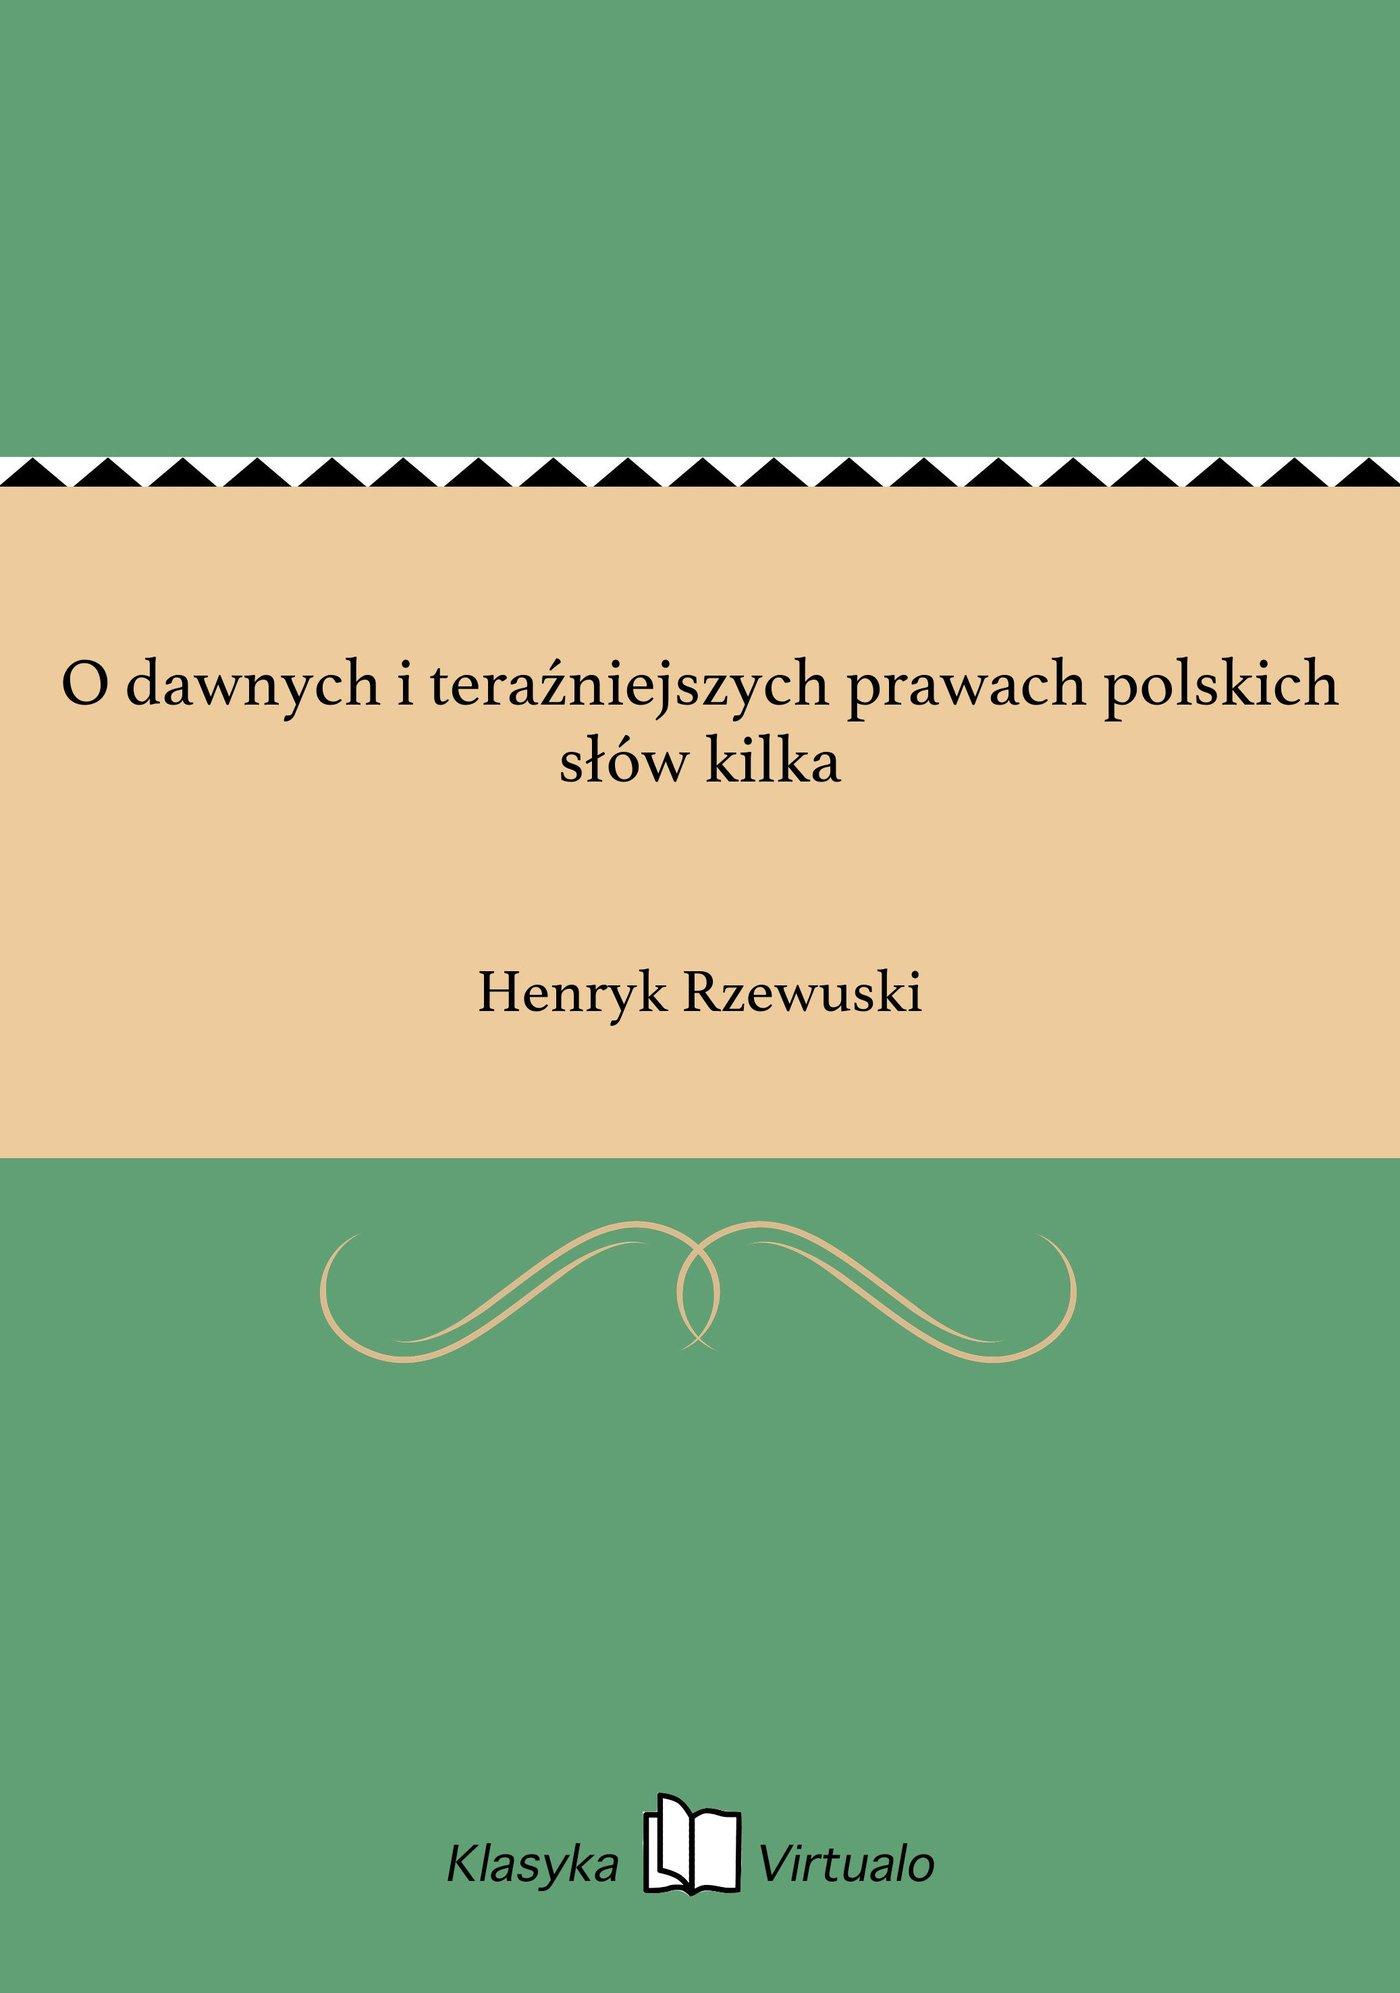 O dawnych i teraźniejszych prawach polskich słów kilka - Ebook (Książka EPUB) do pobrania w formacie EPUB